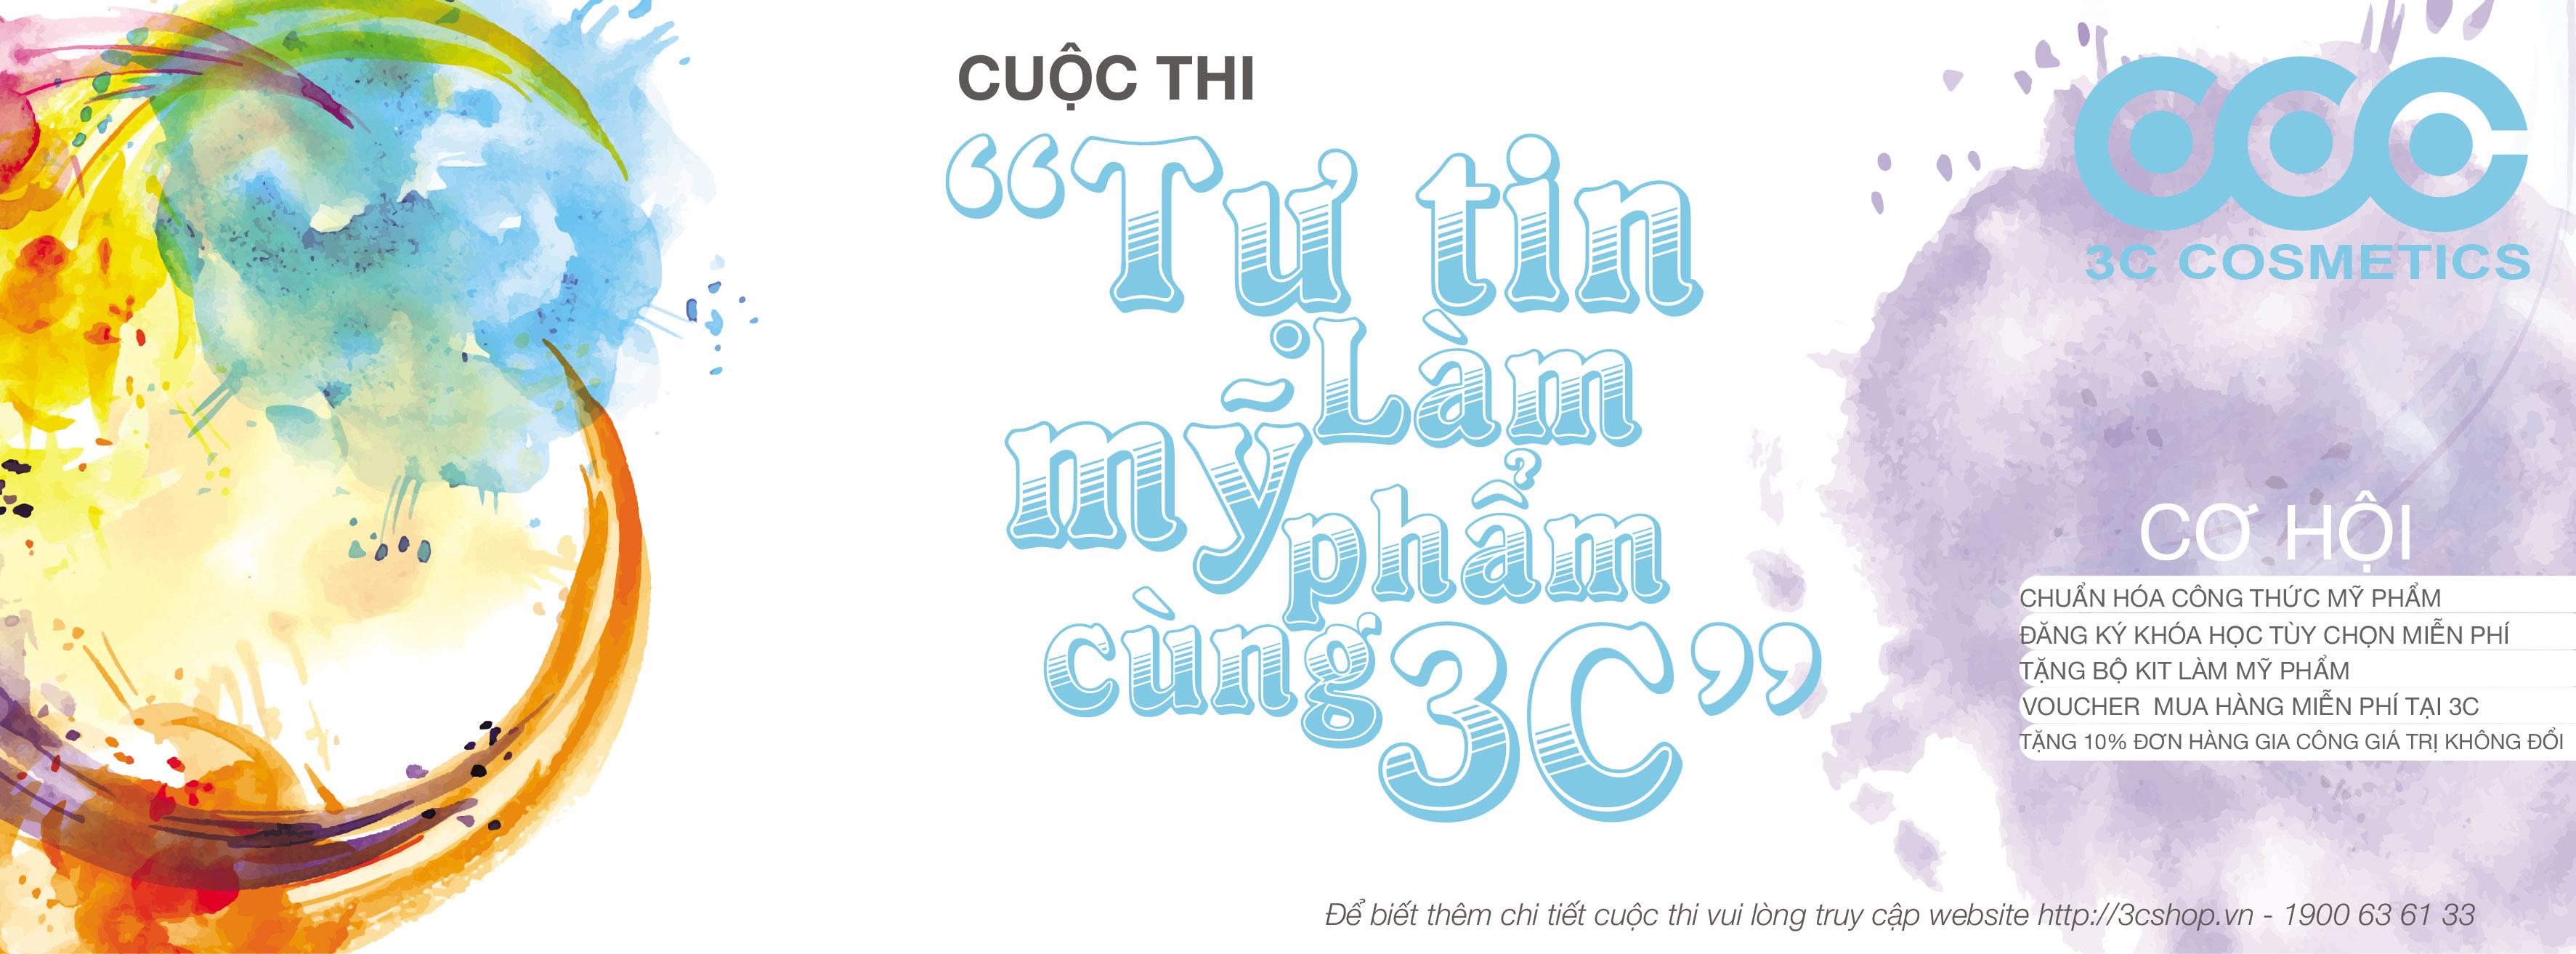 tu-tin-lam-my-pham-3c